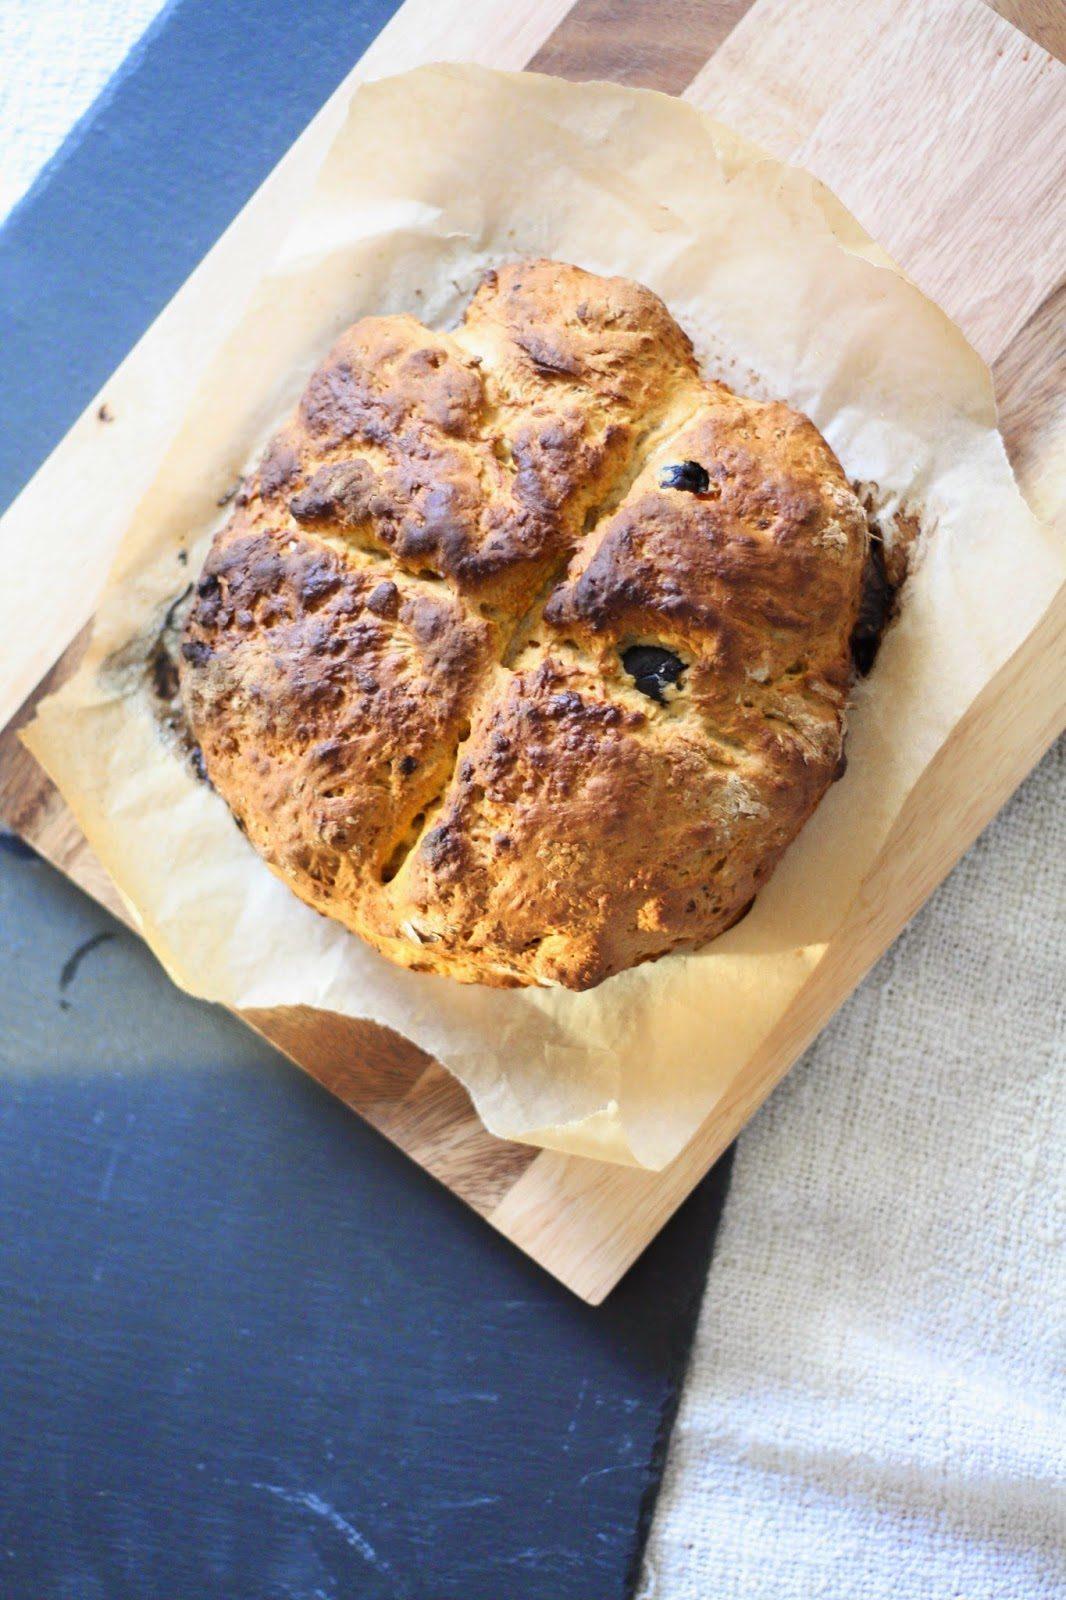 Soda bread with pesto & olives